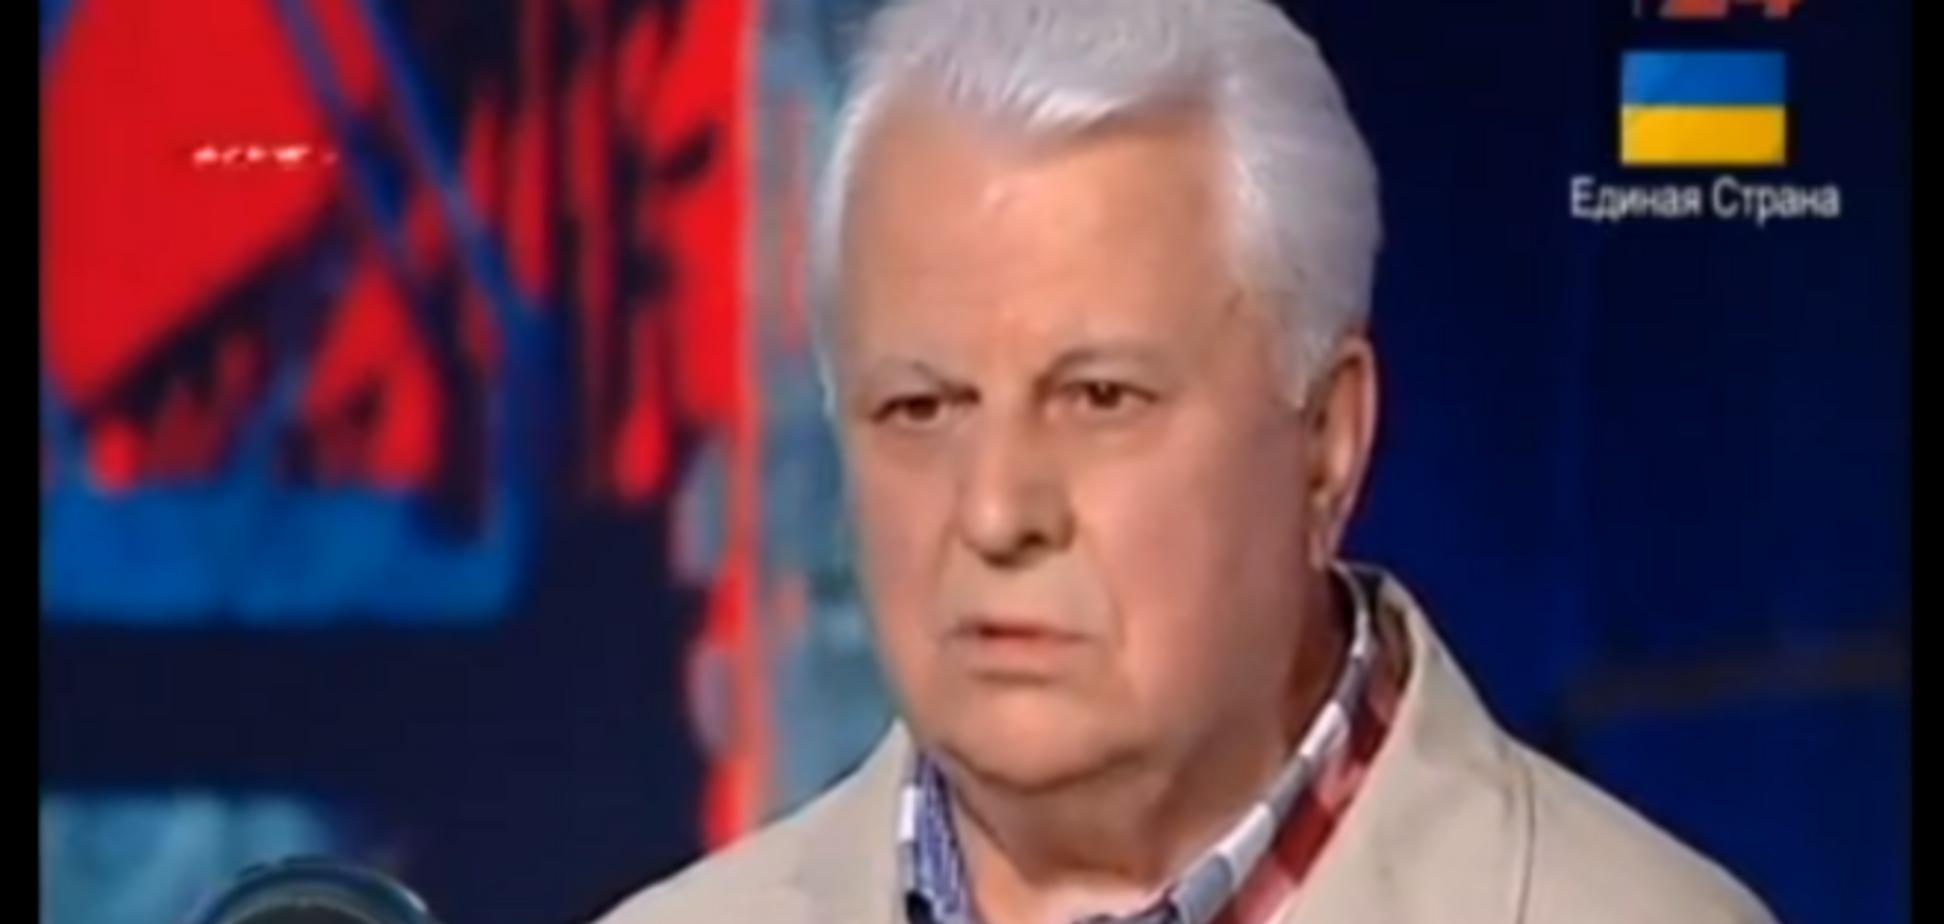 Кравчук рекомендует Порошенко 'почистить' кадровые конюшни